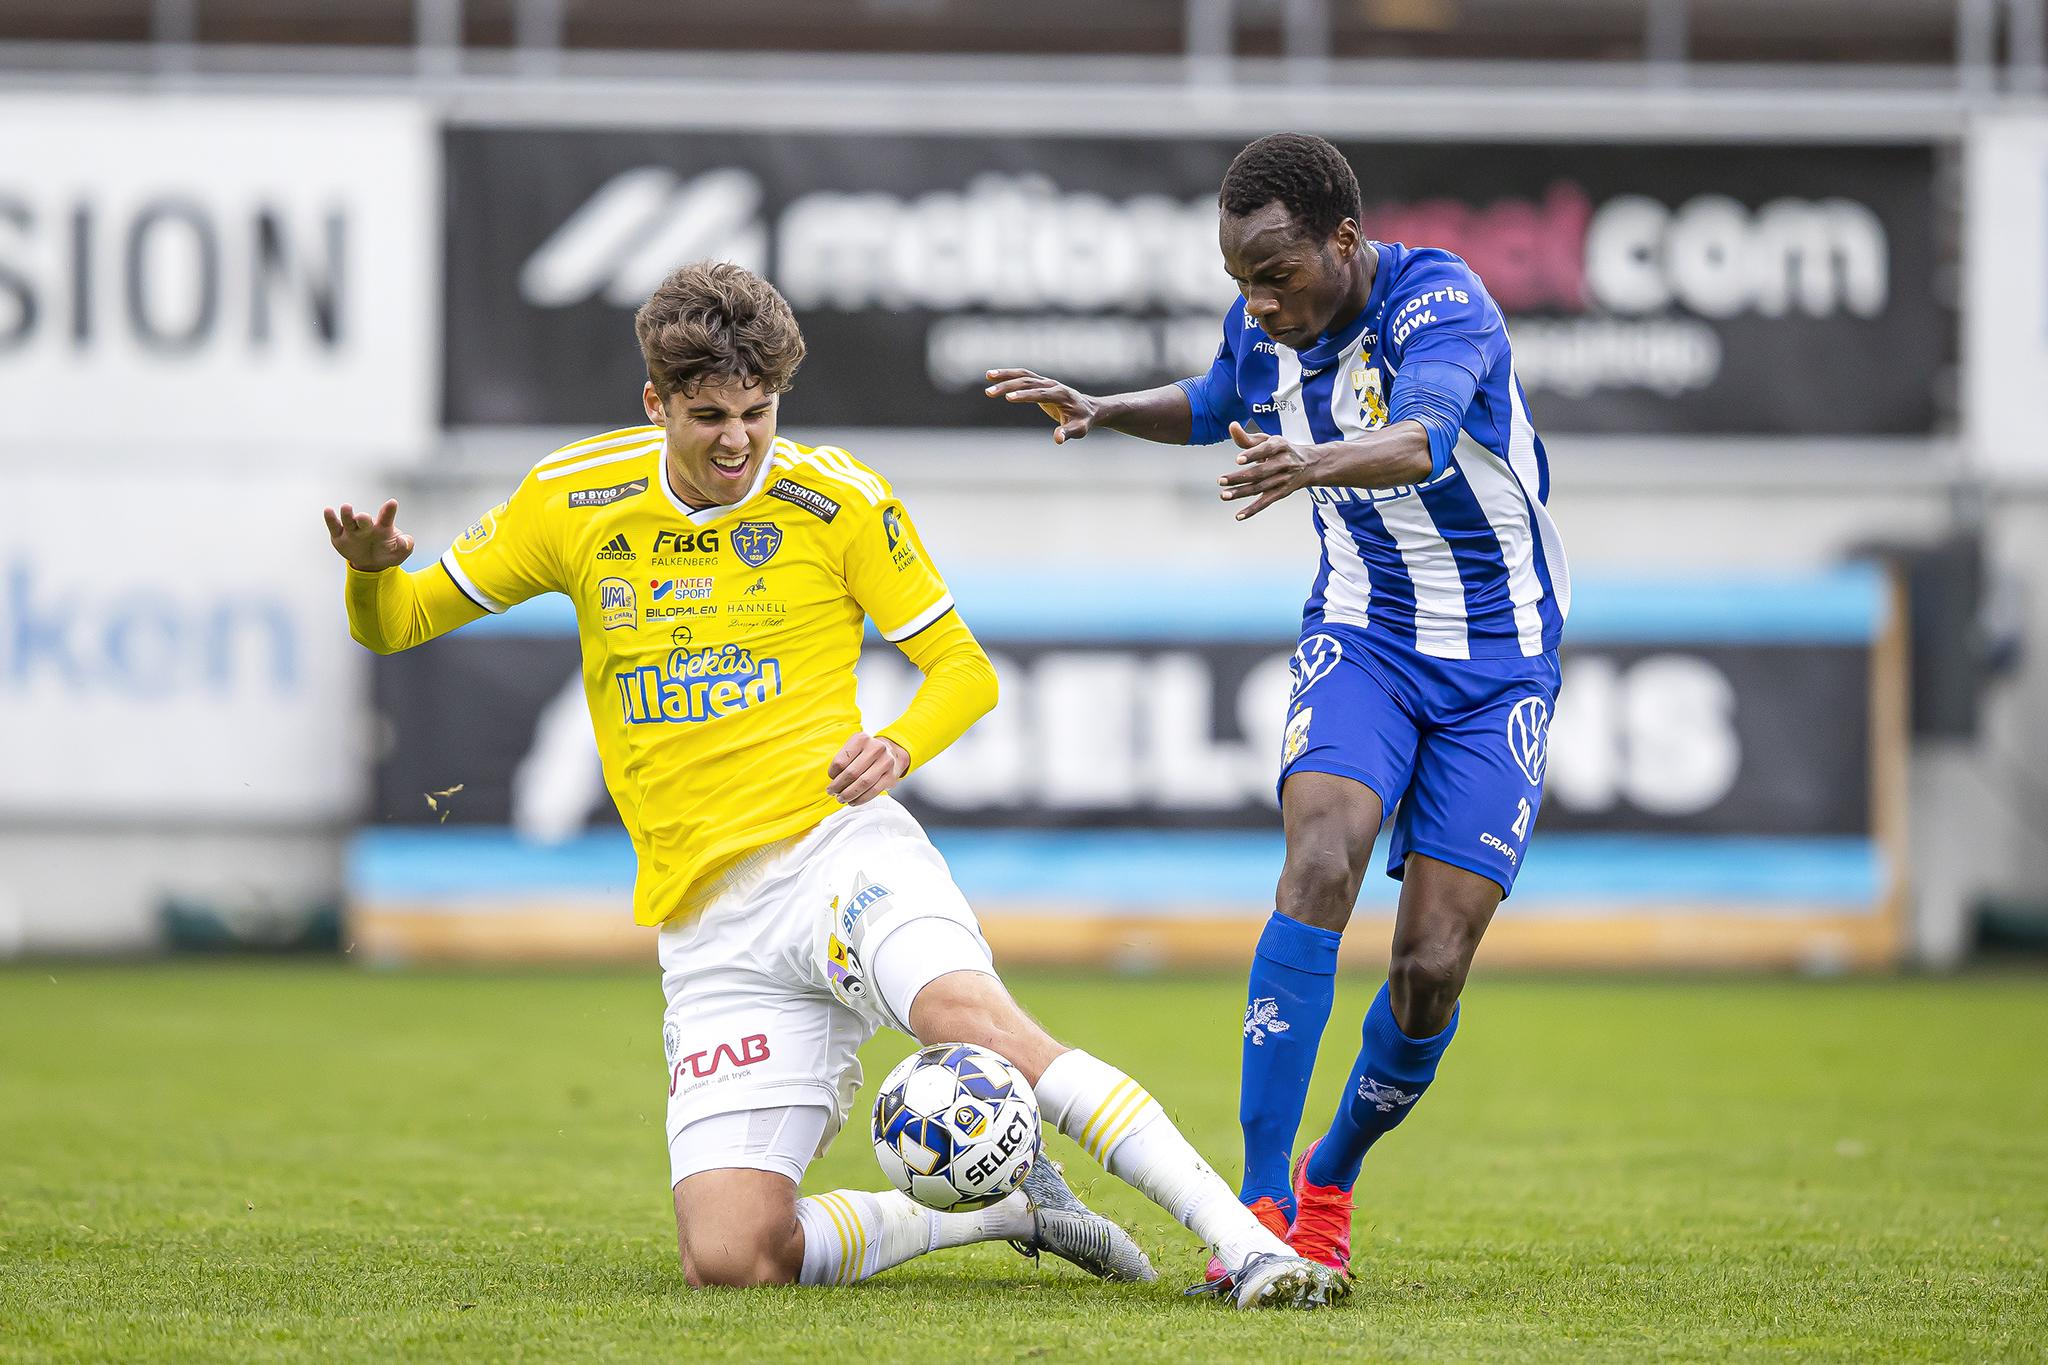 Blytung förlust mot IFK Göteborg